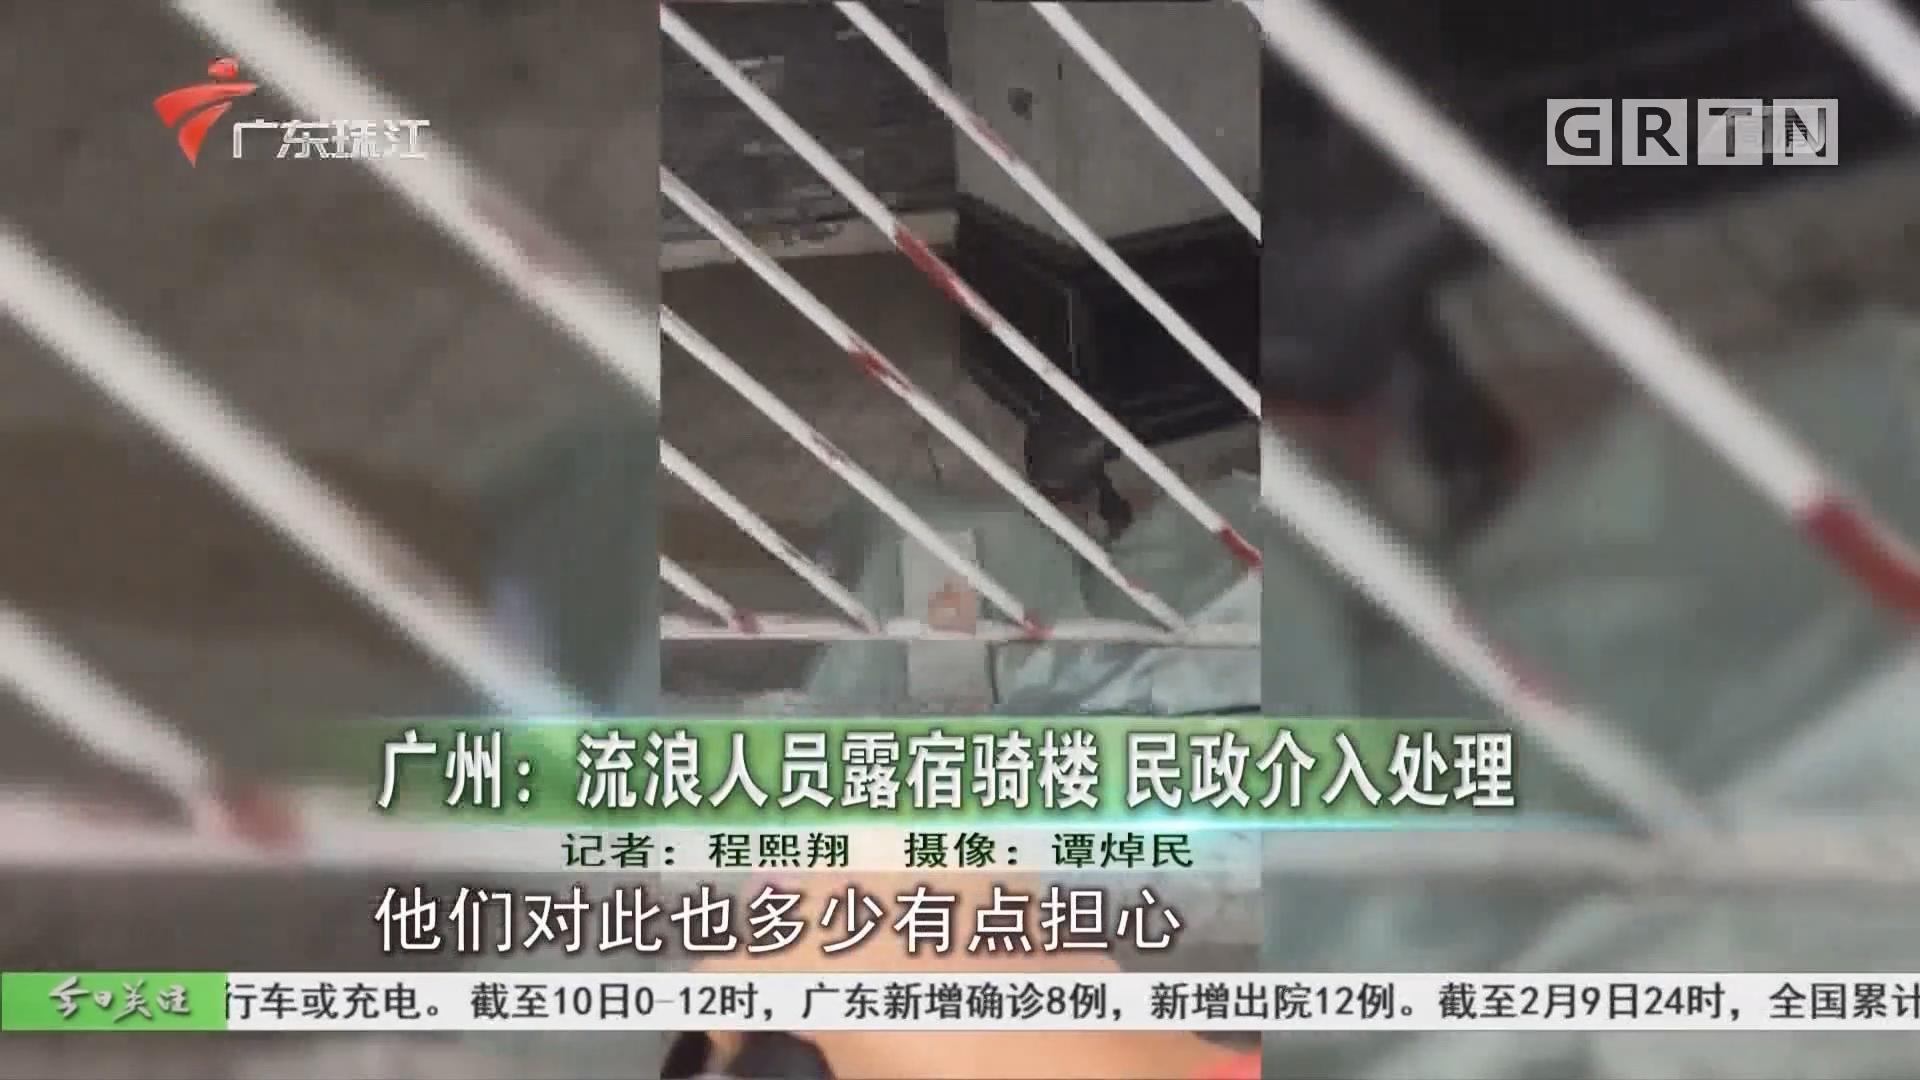 广州:流浪人员露宿骑楼 民政介入处理